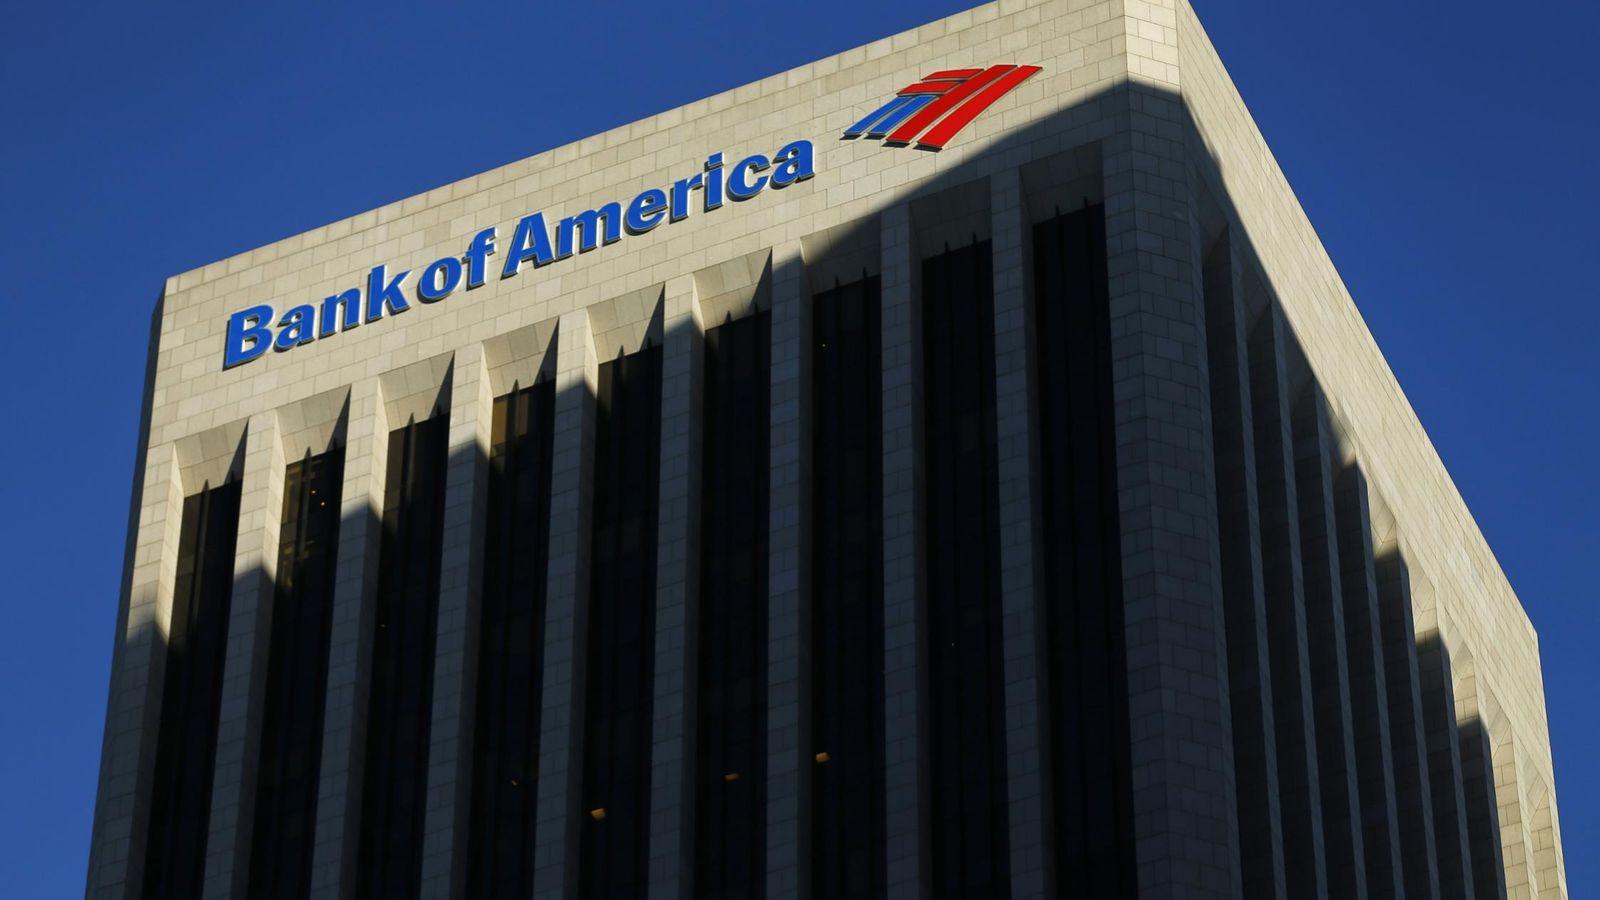 Foto: Edificio de Bak of America Merrill Lynch en Los Ángeles. (Reuters)